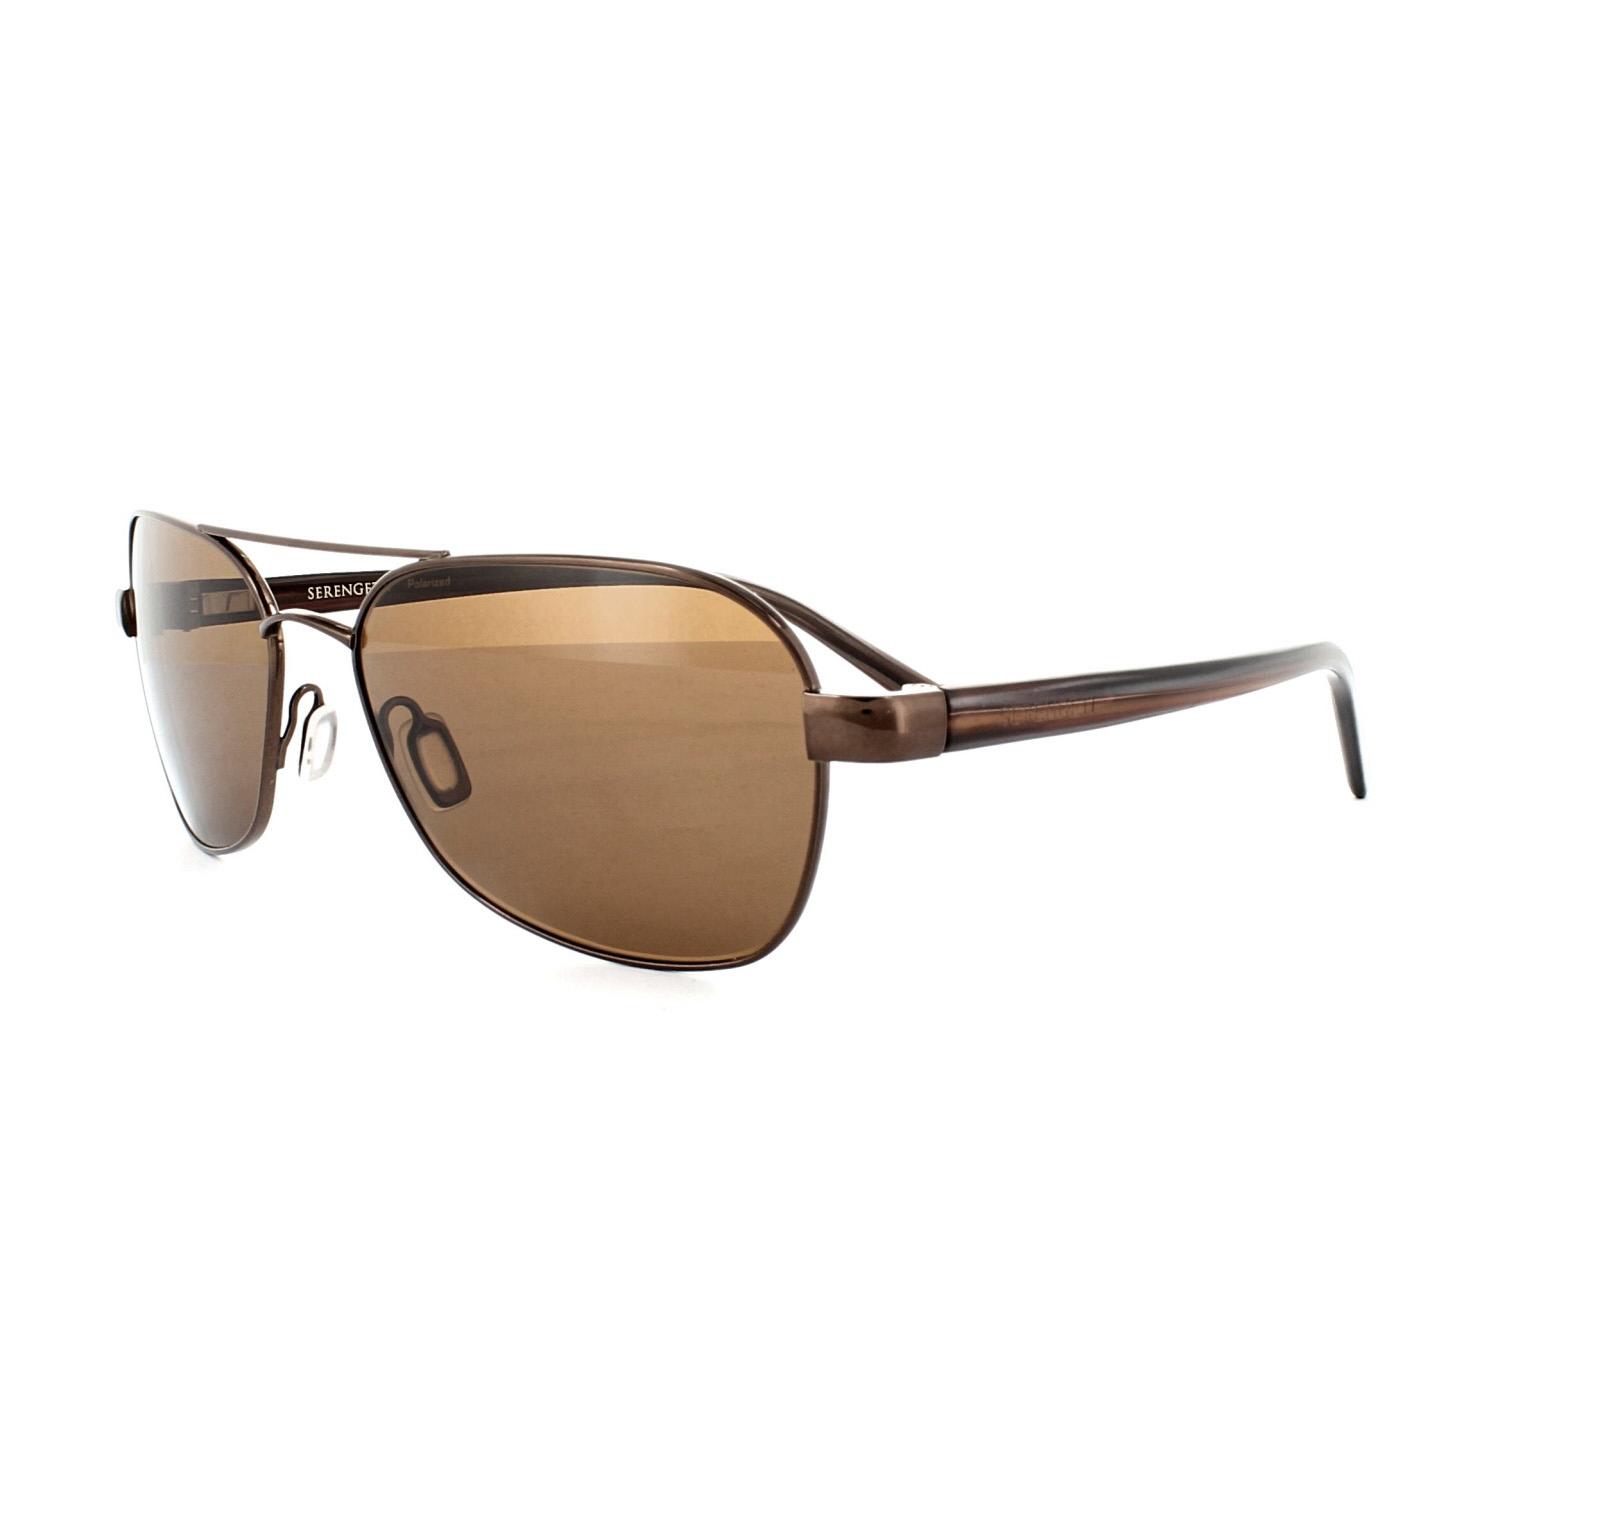 08469288c7 Serengeti Small Aviator Drivers Gradient Sunglasses